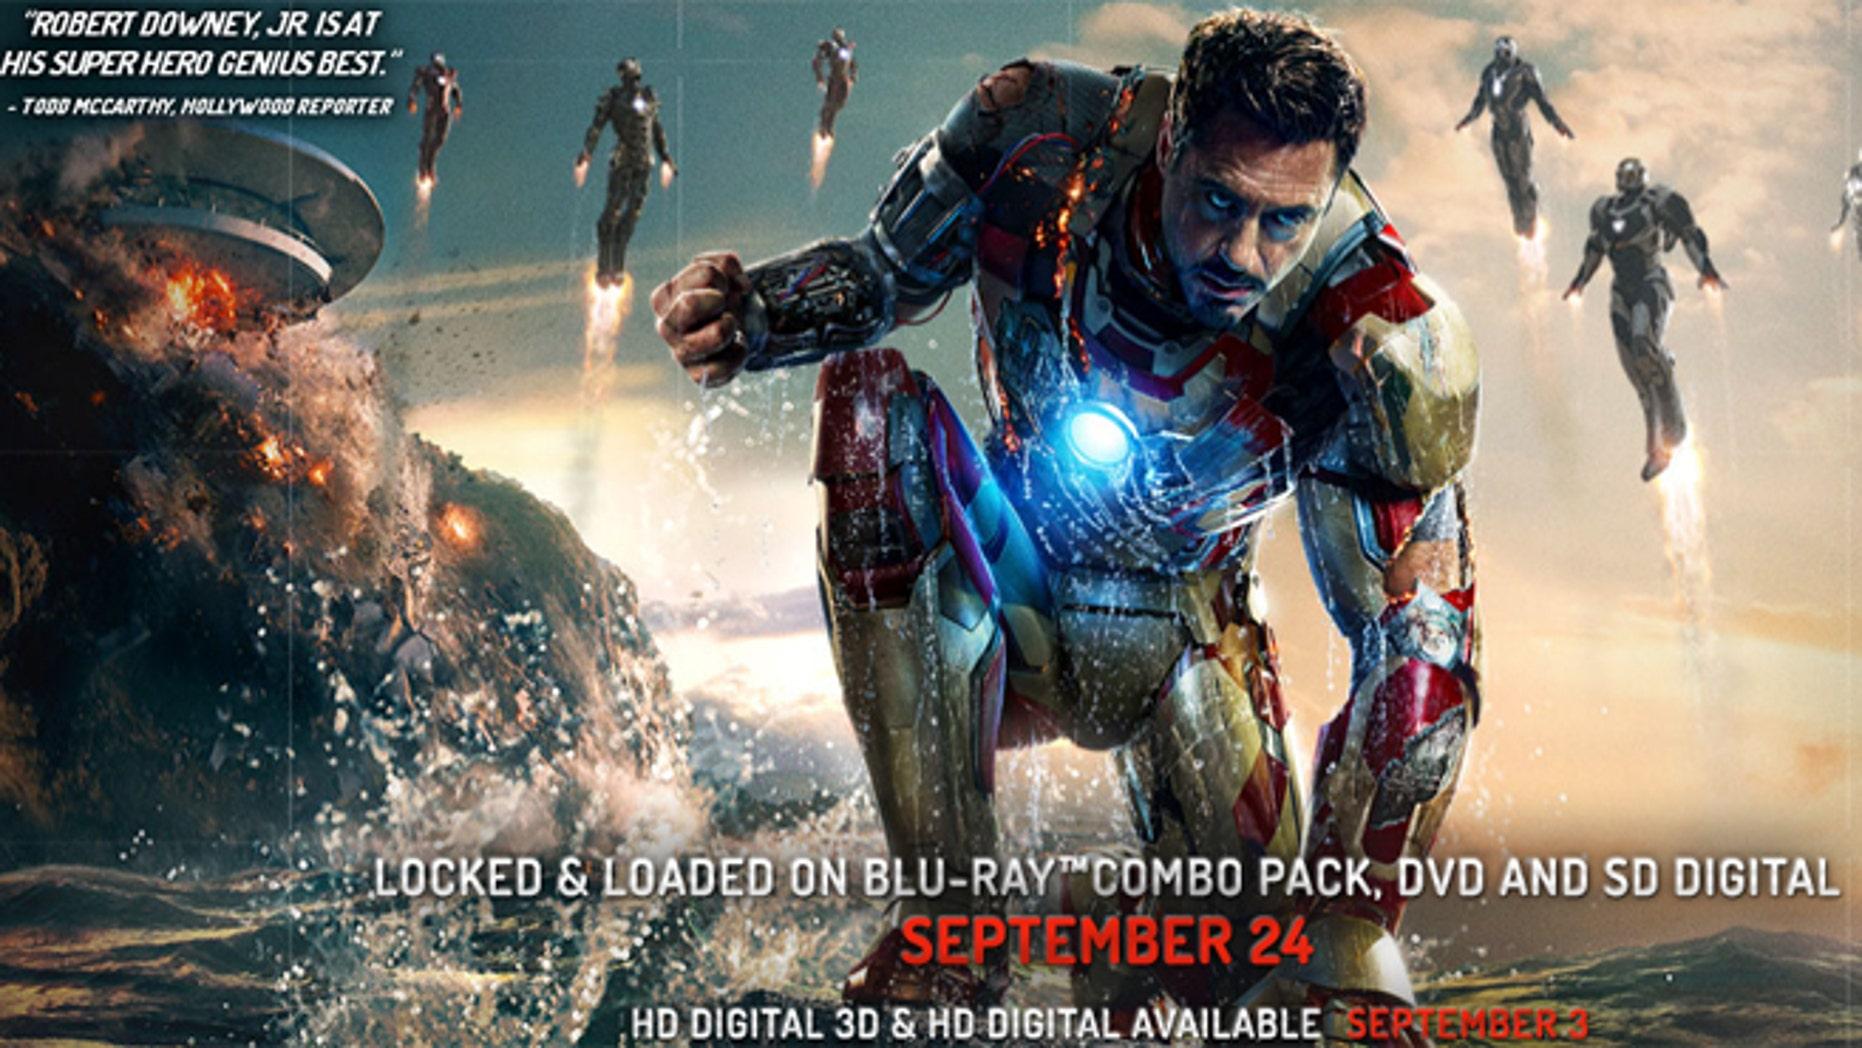 Robert Downey, Jr. as Iron Man.